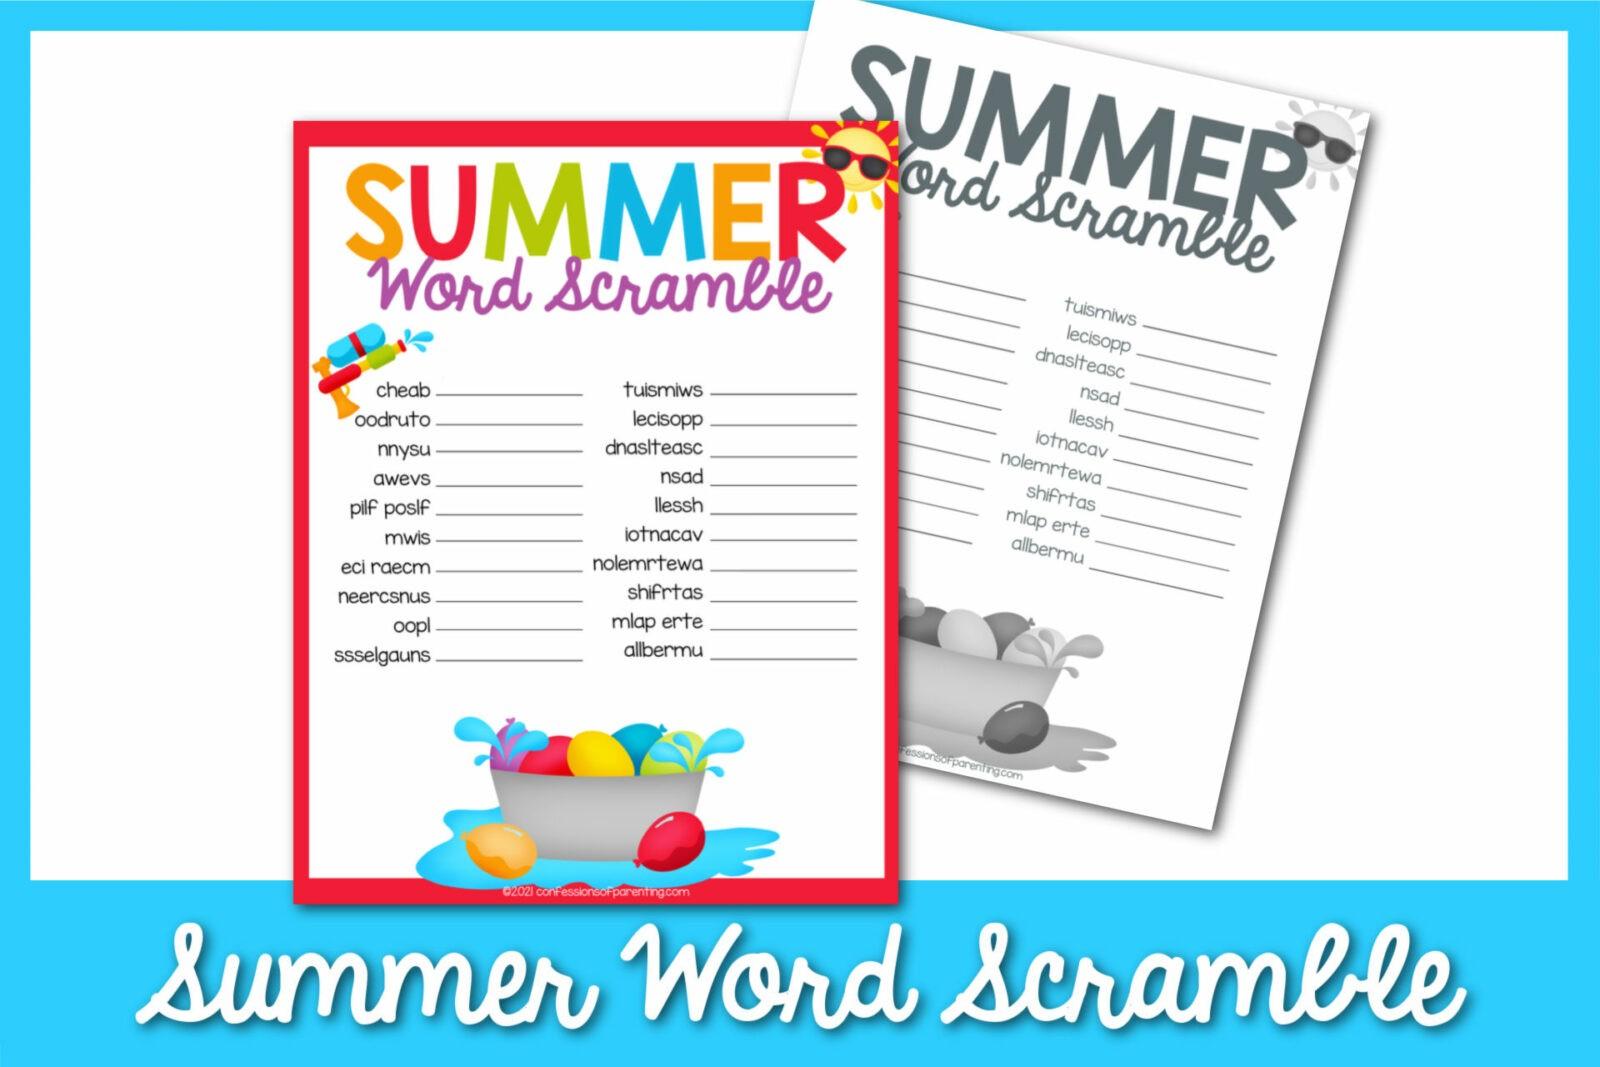 Summer Word Scramble có thể in miễn phí